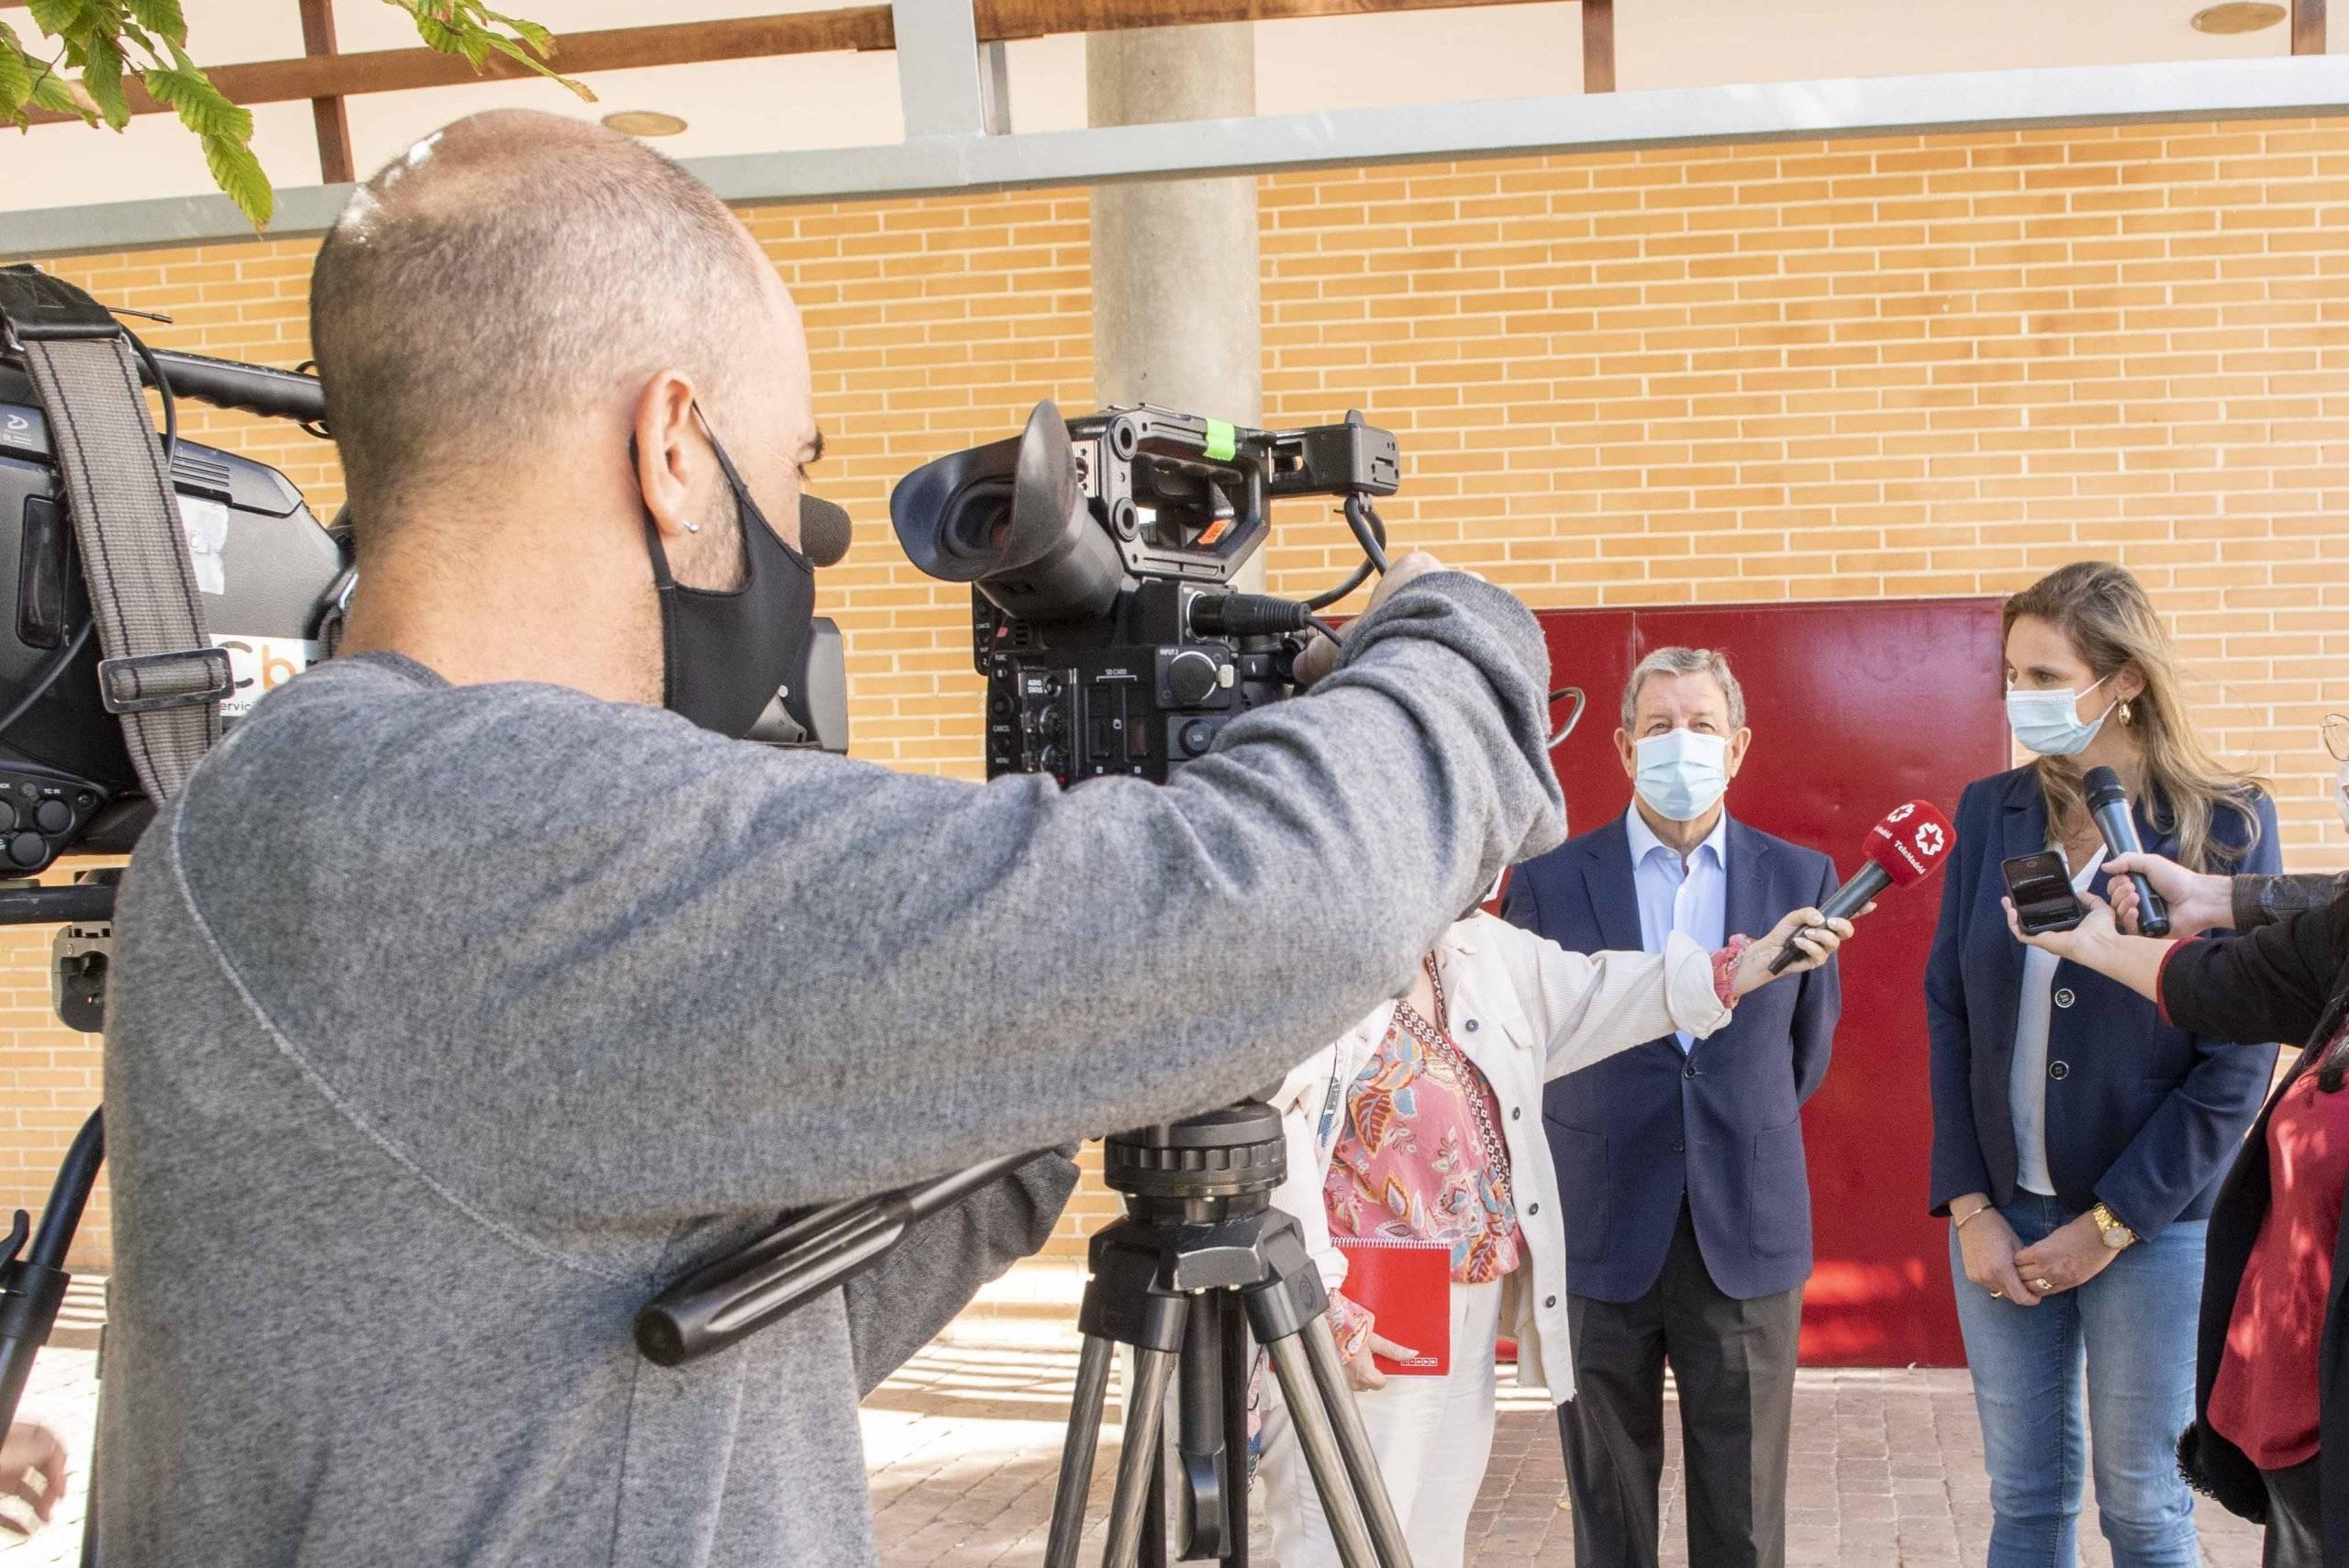 La consejera de Medio Ambiente, acompañada por el alcalde, haciendo declaraciones a los medios de comunicación.